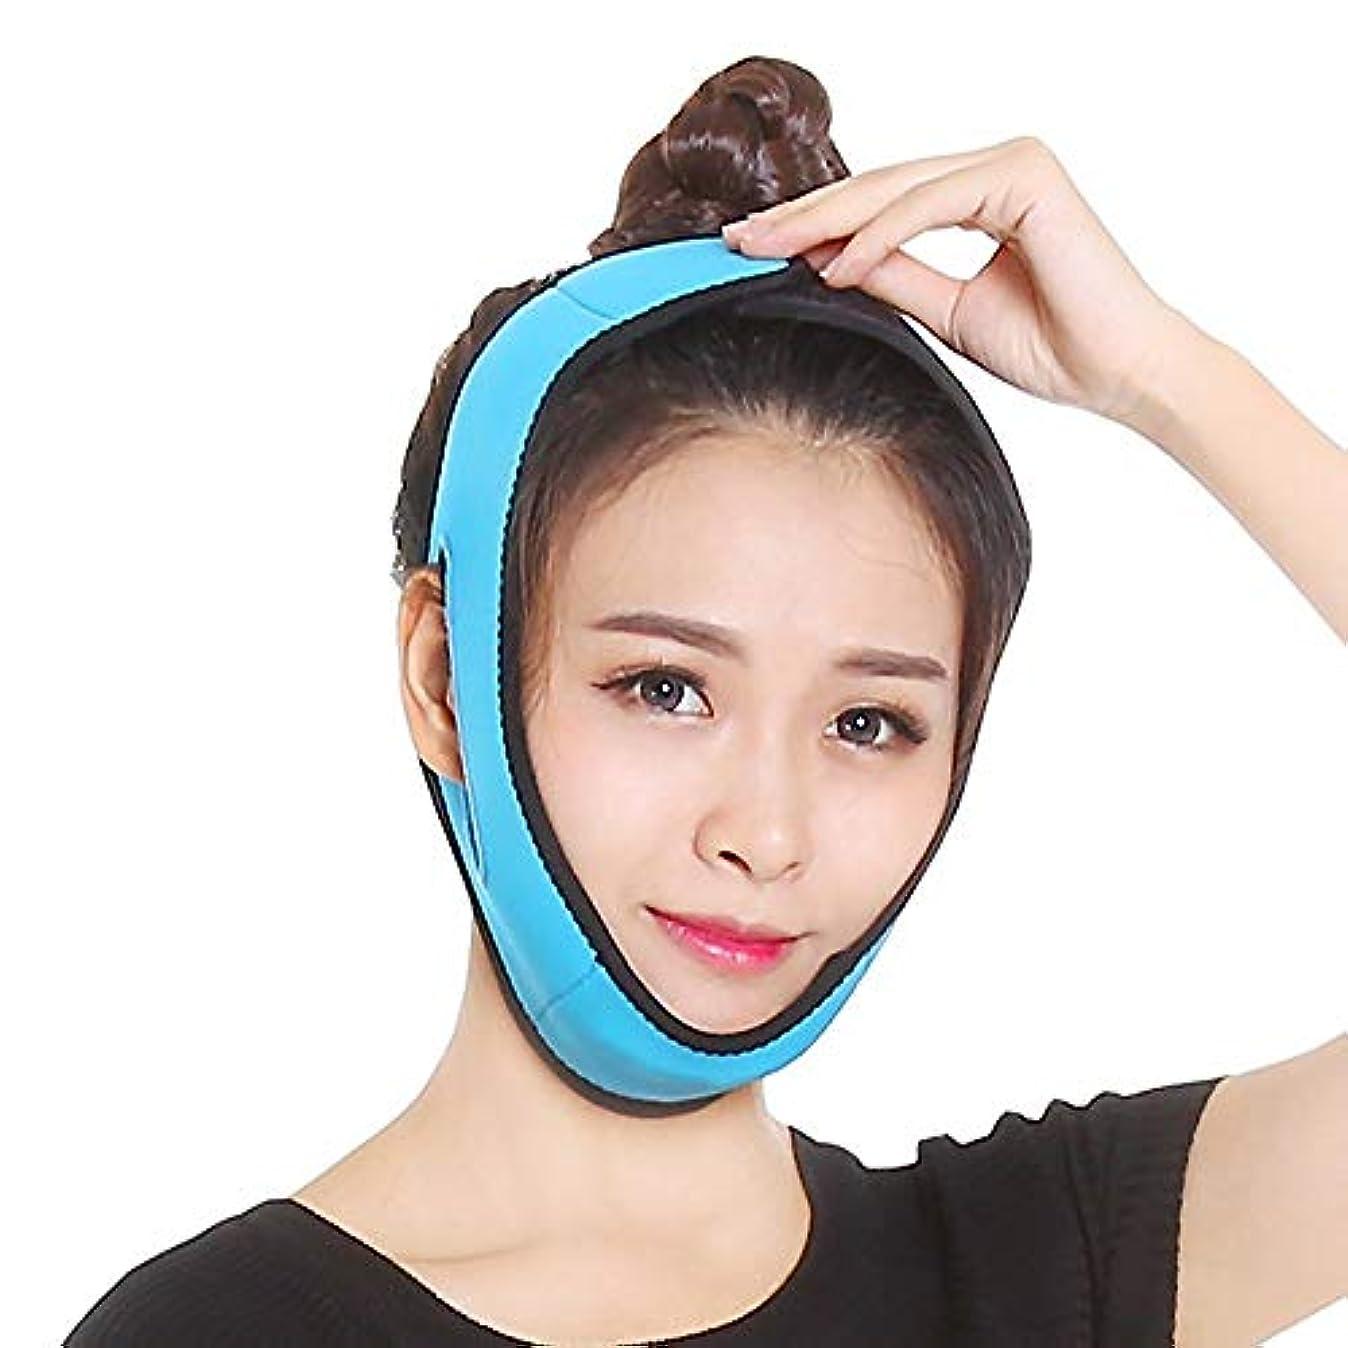 ゼロ気を散らす請願者薄い顔のベルト - 薄い顔のツール薄い顔のベルト通気性のラテックスのマッサージV型の顔のアーティファクトの顔の薄いマスク 美しさ